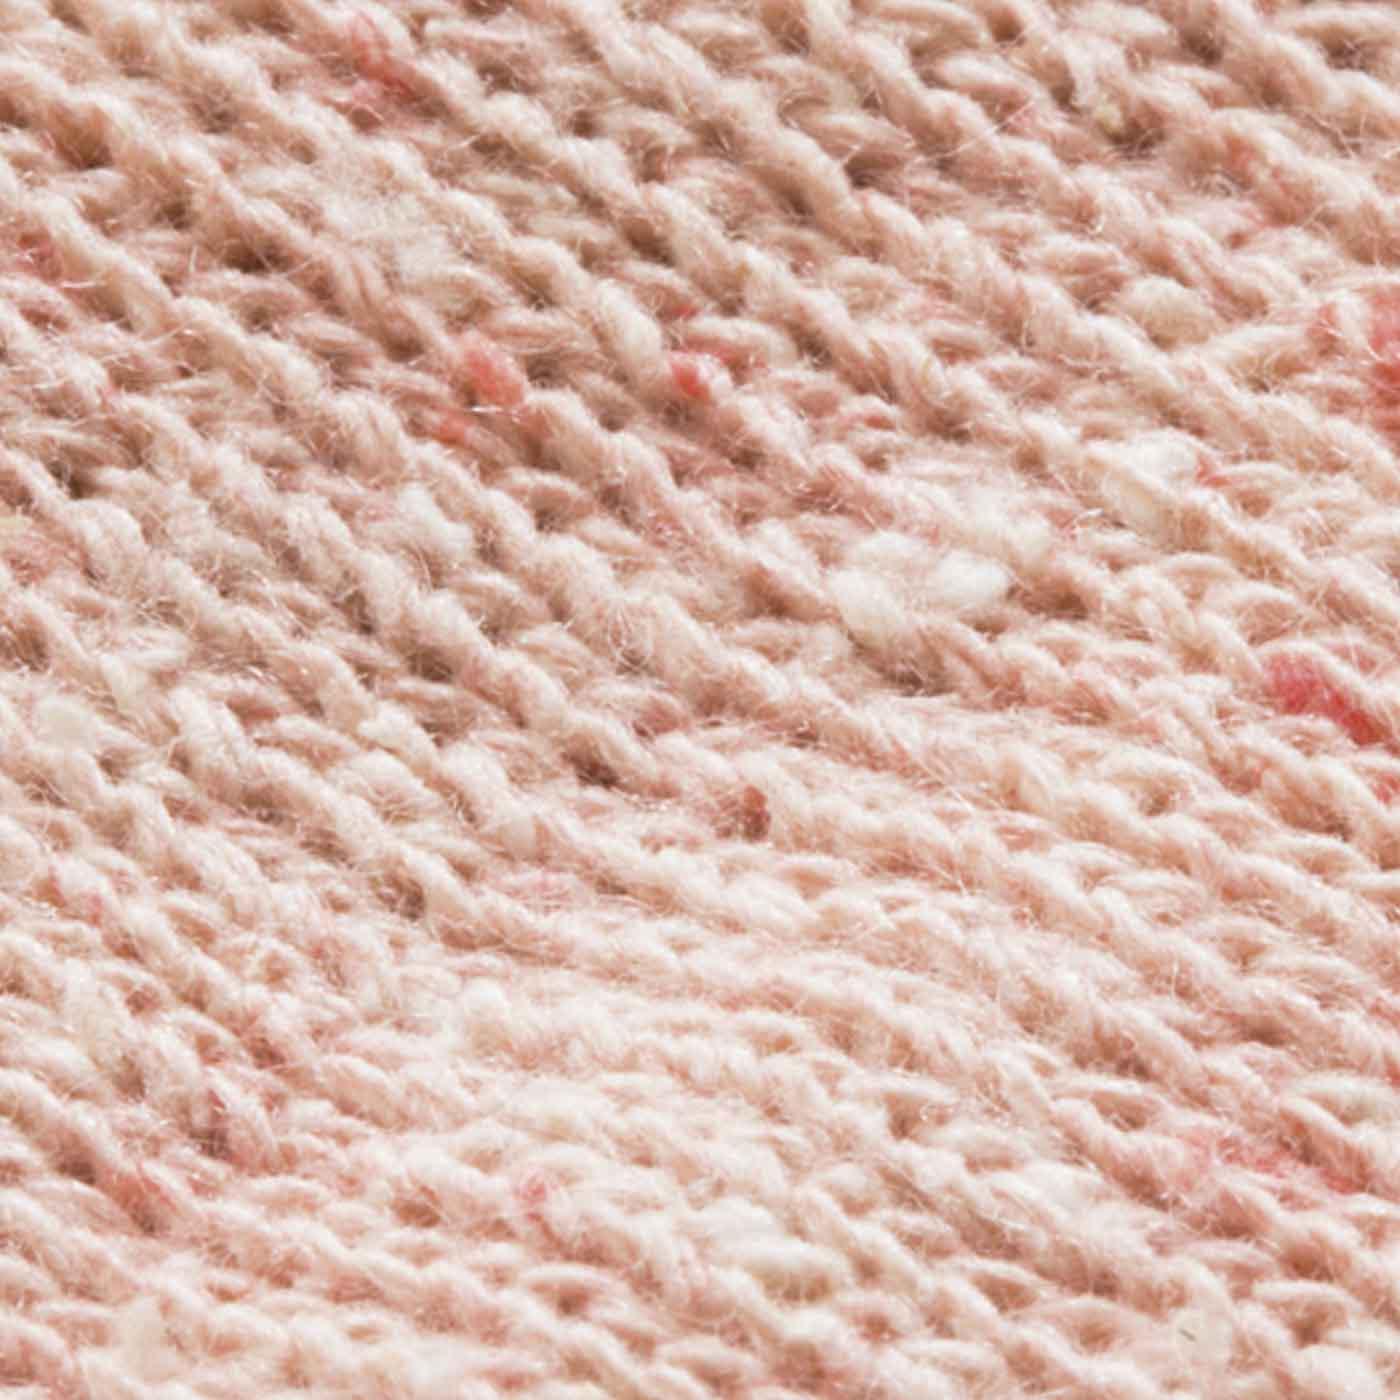 身生地部分は少しネップが入った風合いのあるシルク糸を仕様。 ※くず糸などを使用した空紡式糸を使用